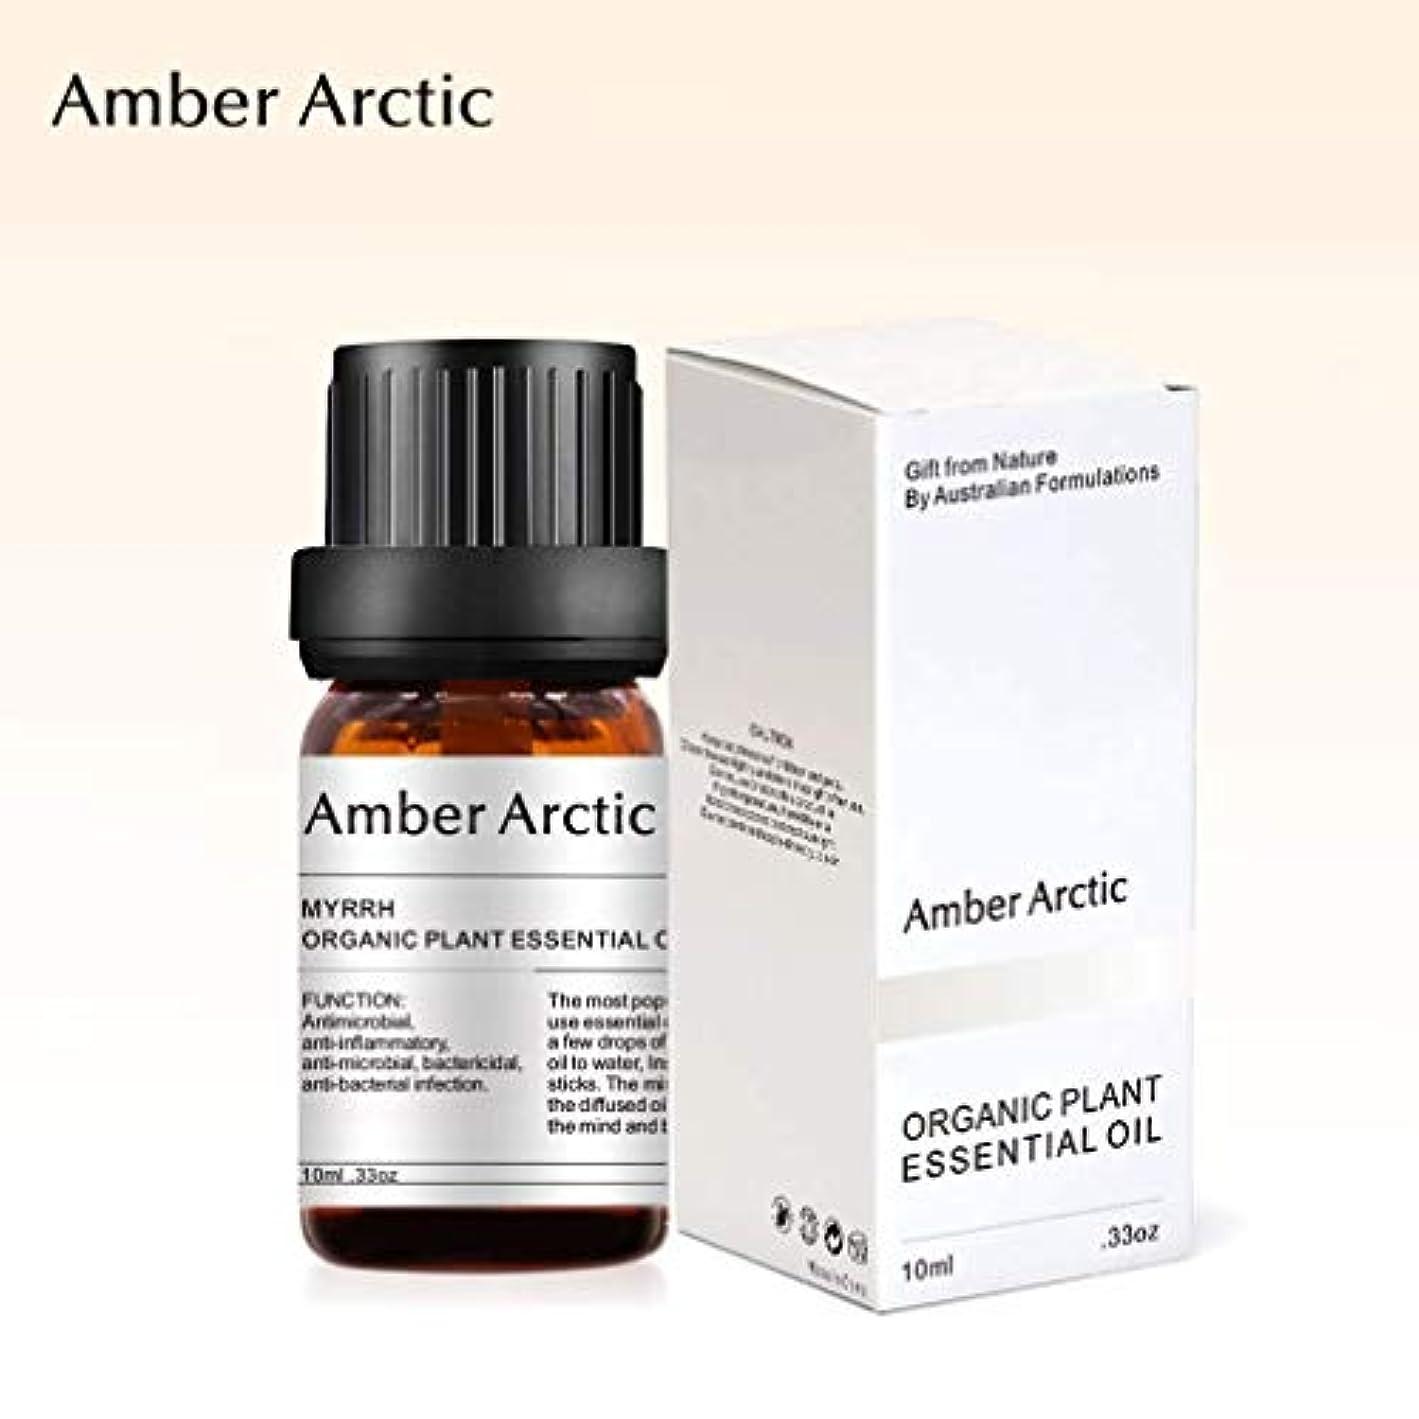 クリスマス垂直発揮するAmber Arctic ミルラ エッセンシャル オイル、 100% 純粋 天然 アロマ ディフューザー 用 エッセンシャル オイル (10ml) 中